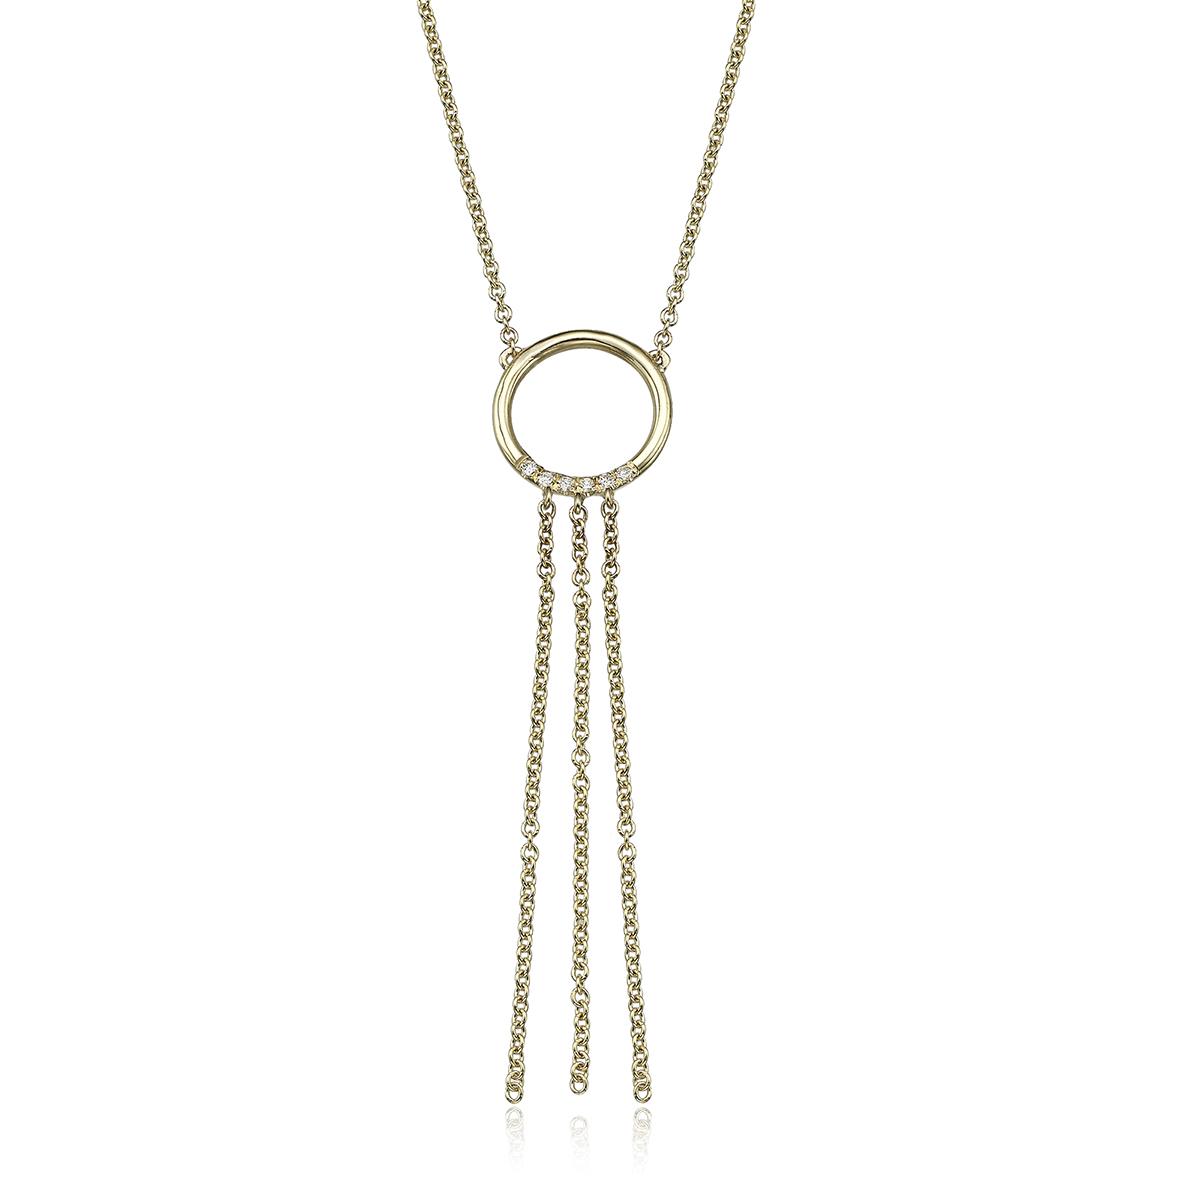 שרשרת זהב בצורת עיגול משובצת יהלומים ושרשראות מתנדנדות